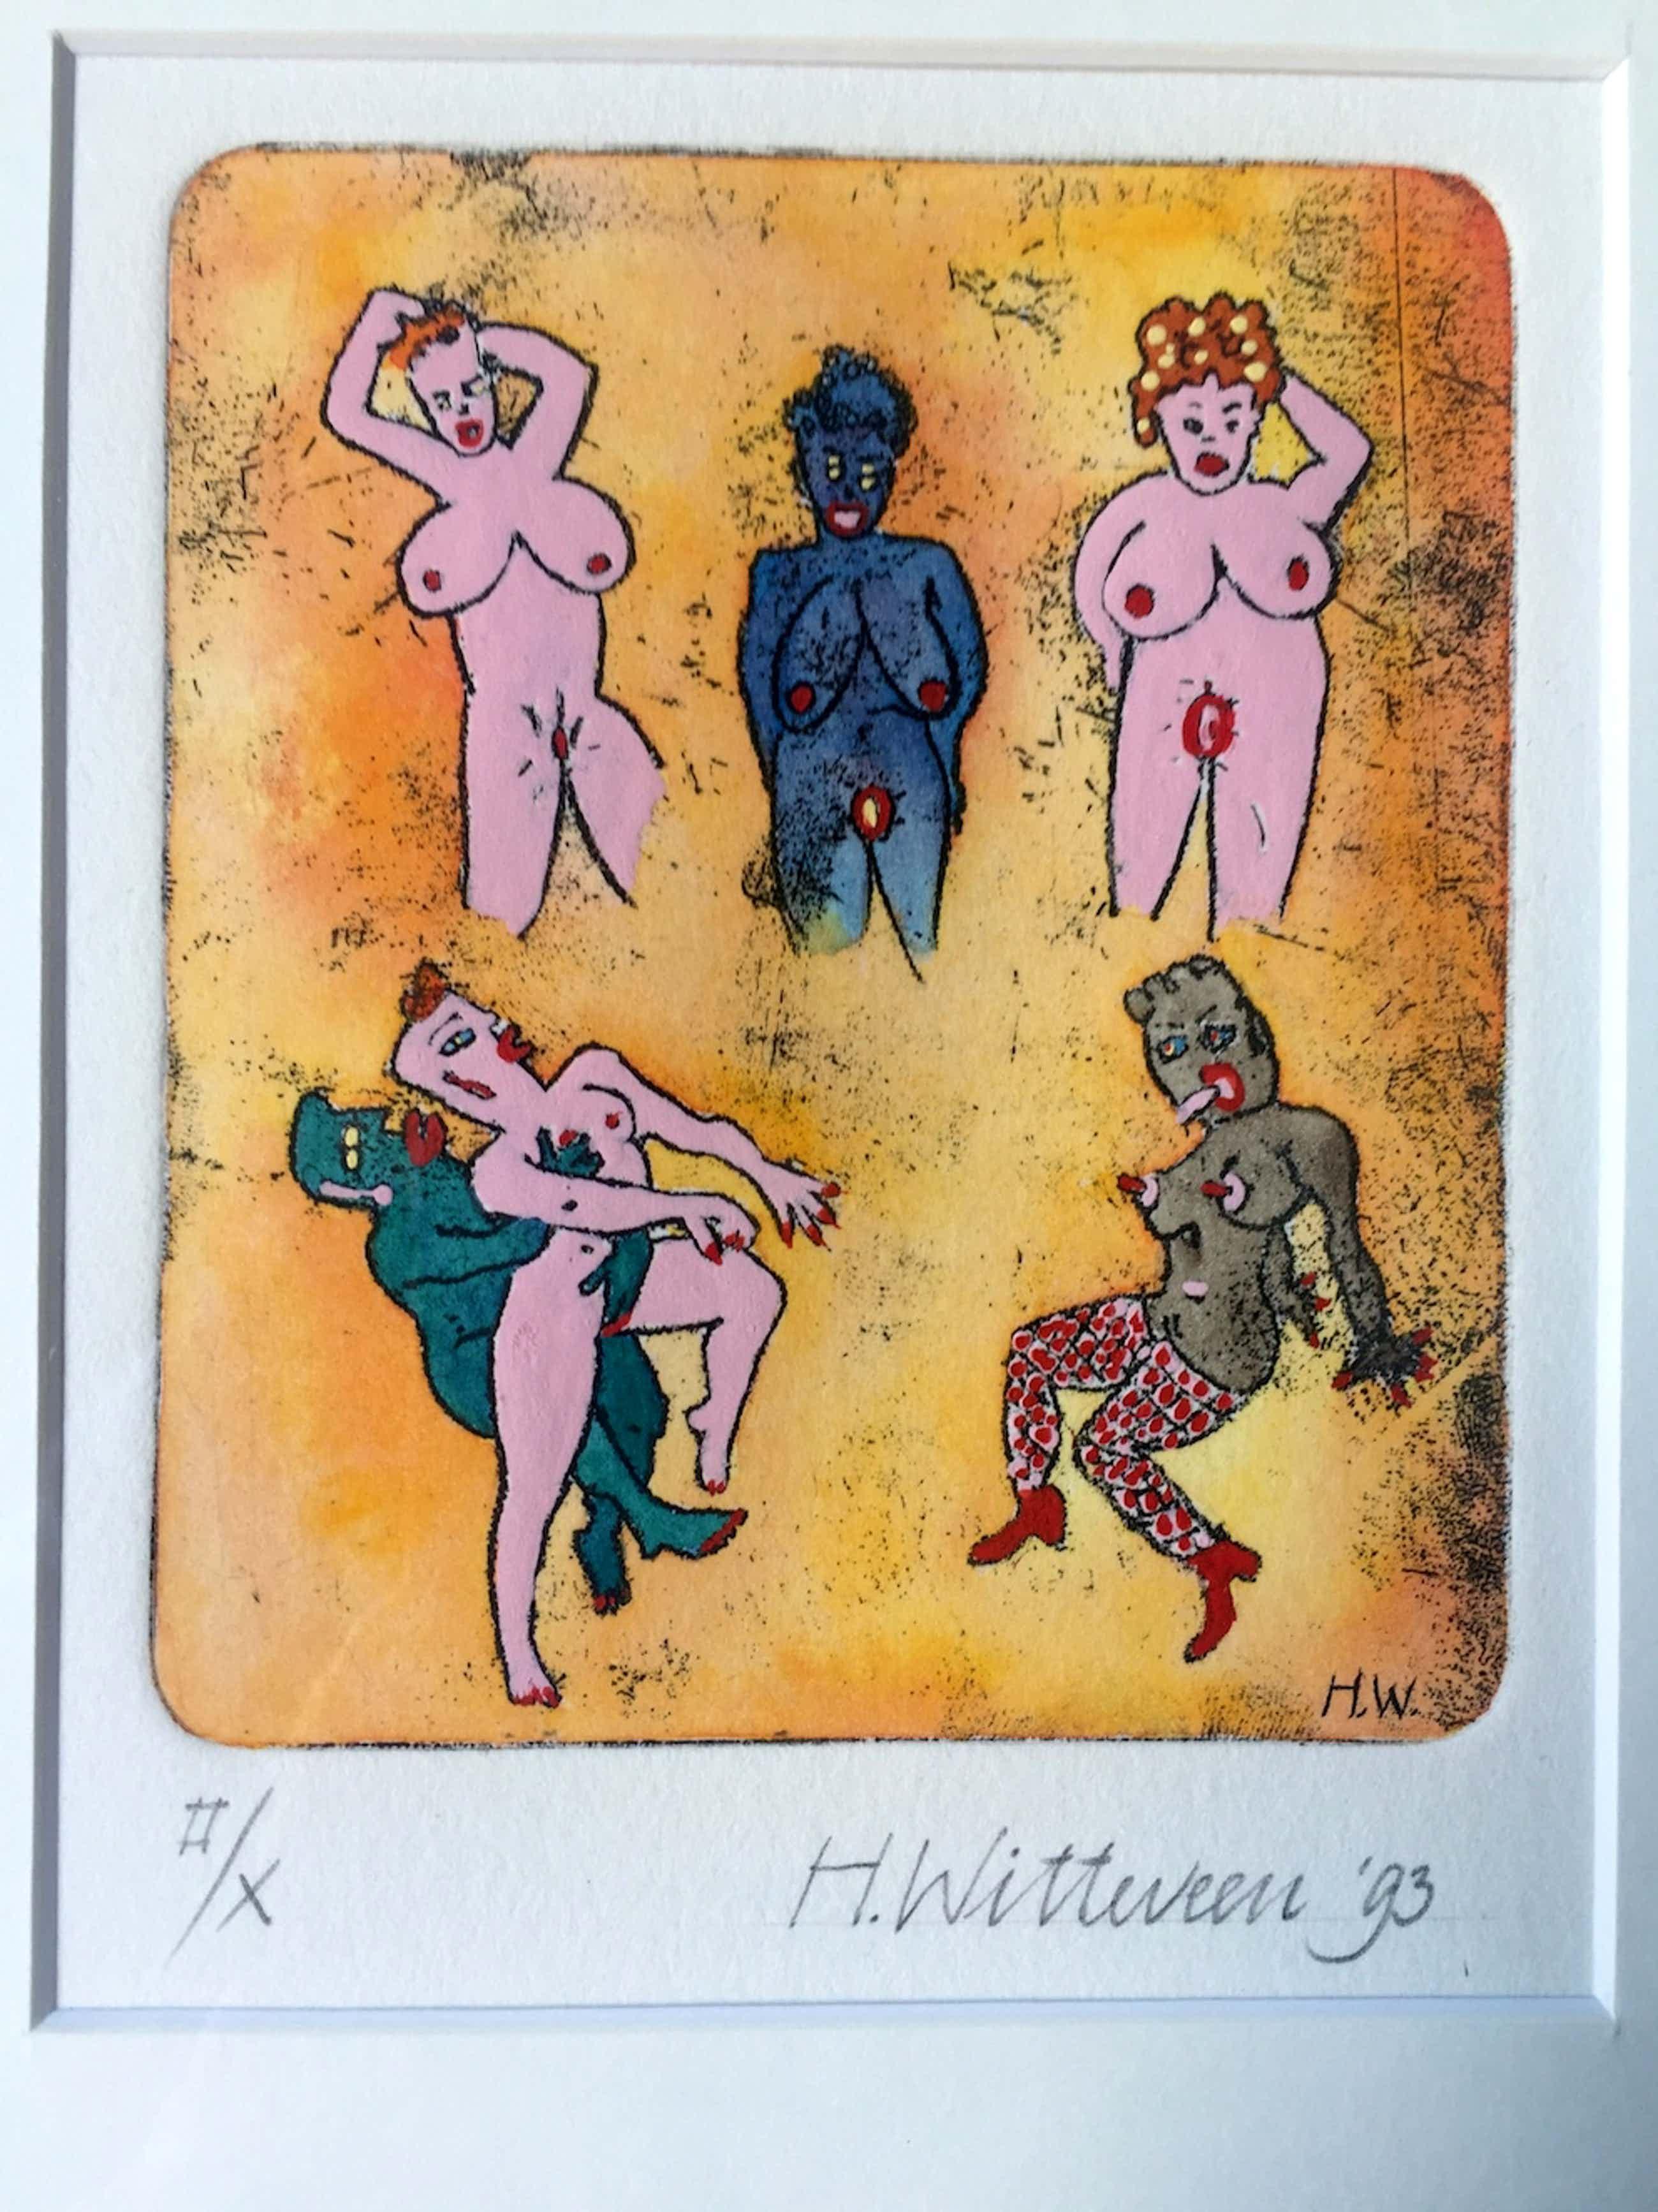 Hollie Witteveen - Naakte Vrouwen - Kleurets, Ingelijst kopen? Bied vanaf 40!